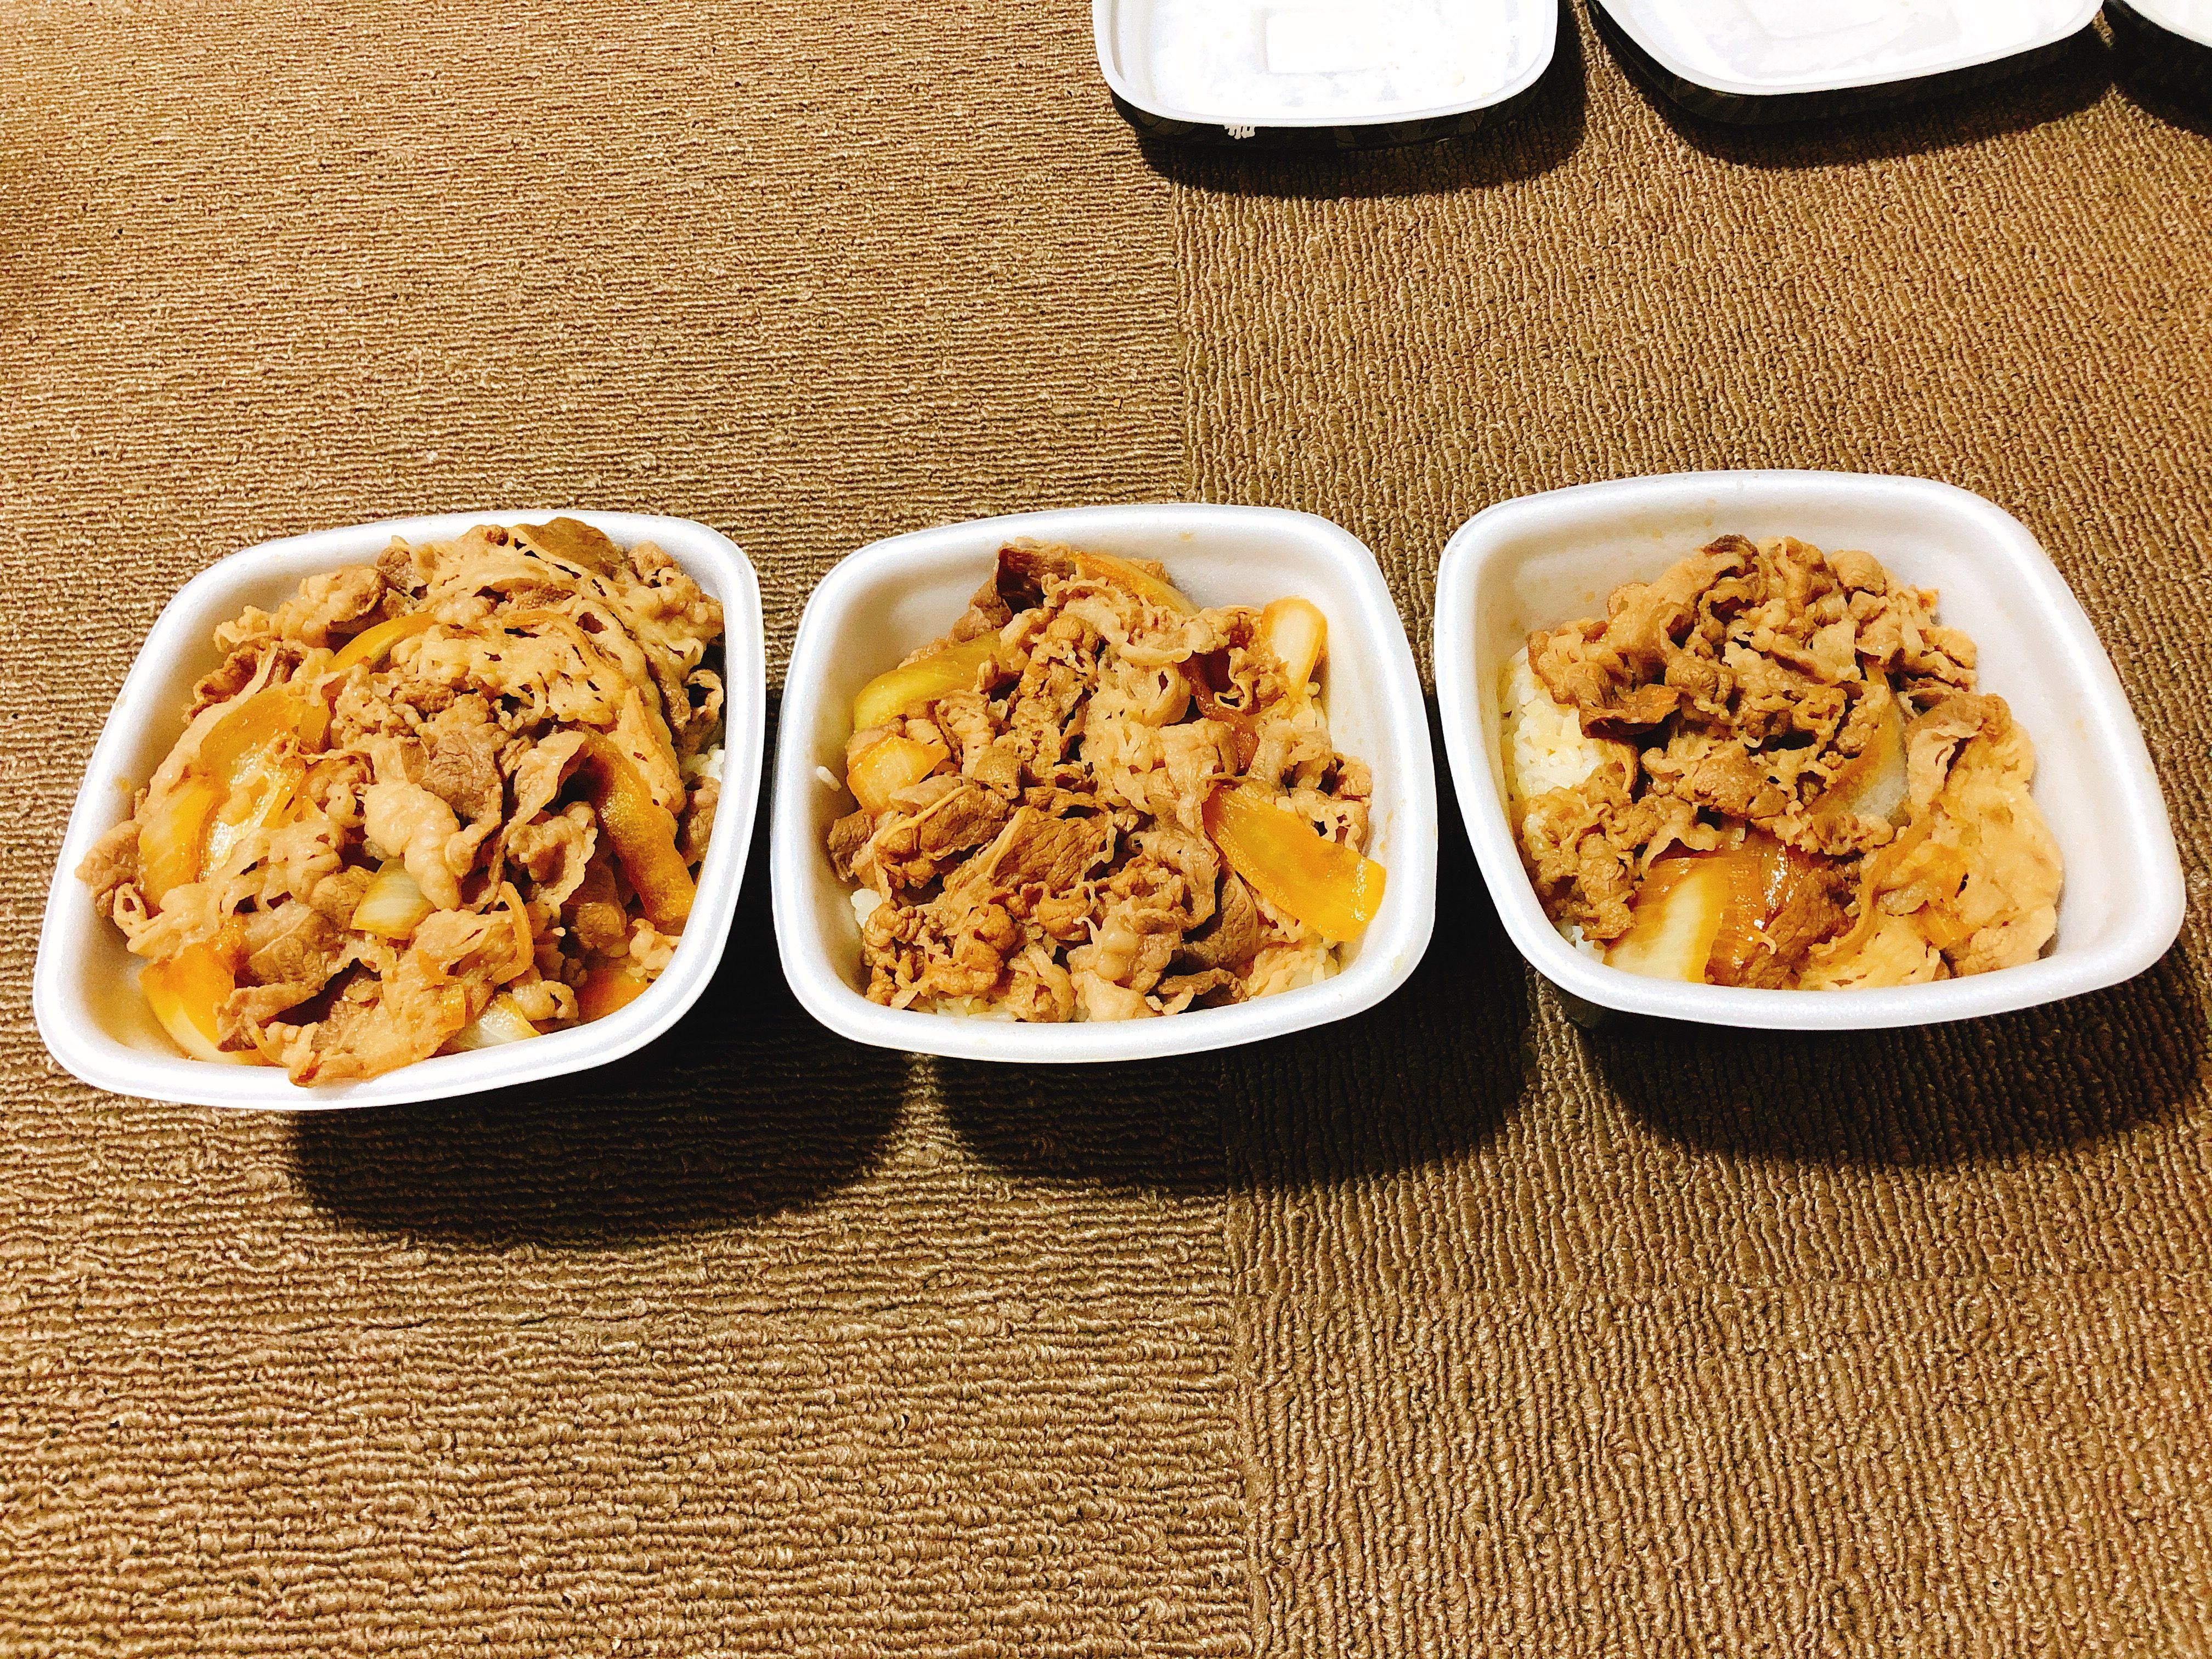 吉野家の牛丼『超特盛』『並盛』『小盛』